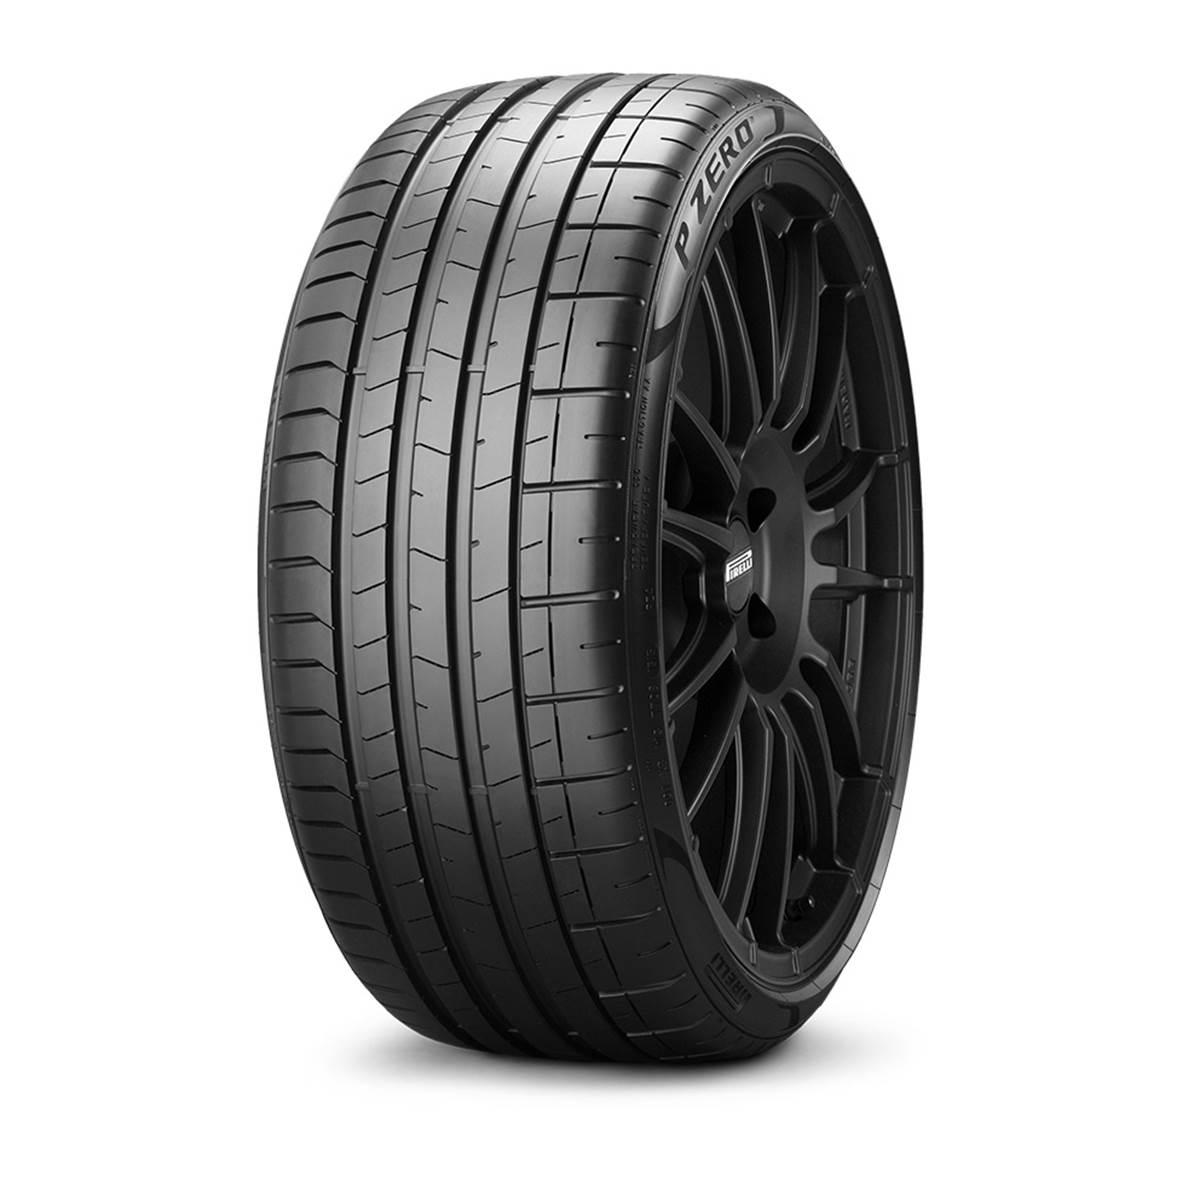 Pneu Runflat Pirelli 225/40R18 88Y Pzero